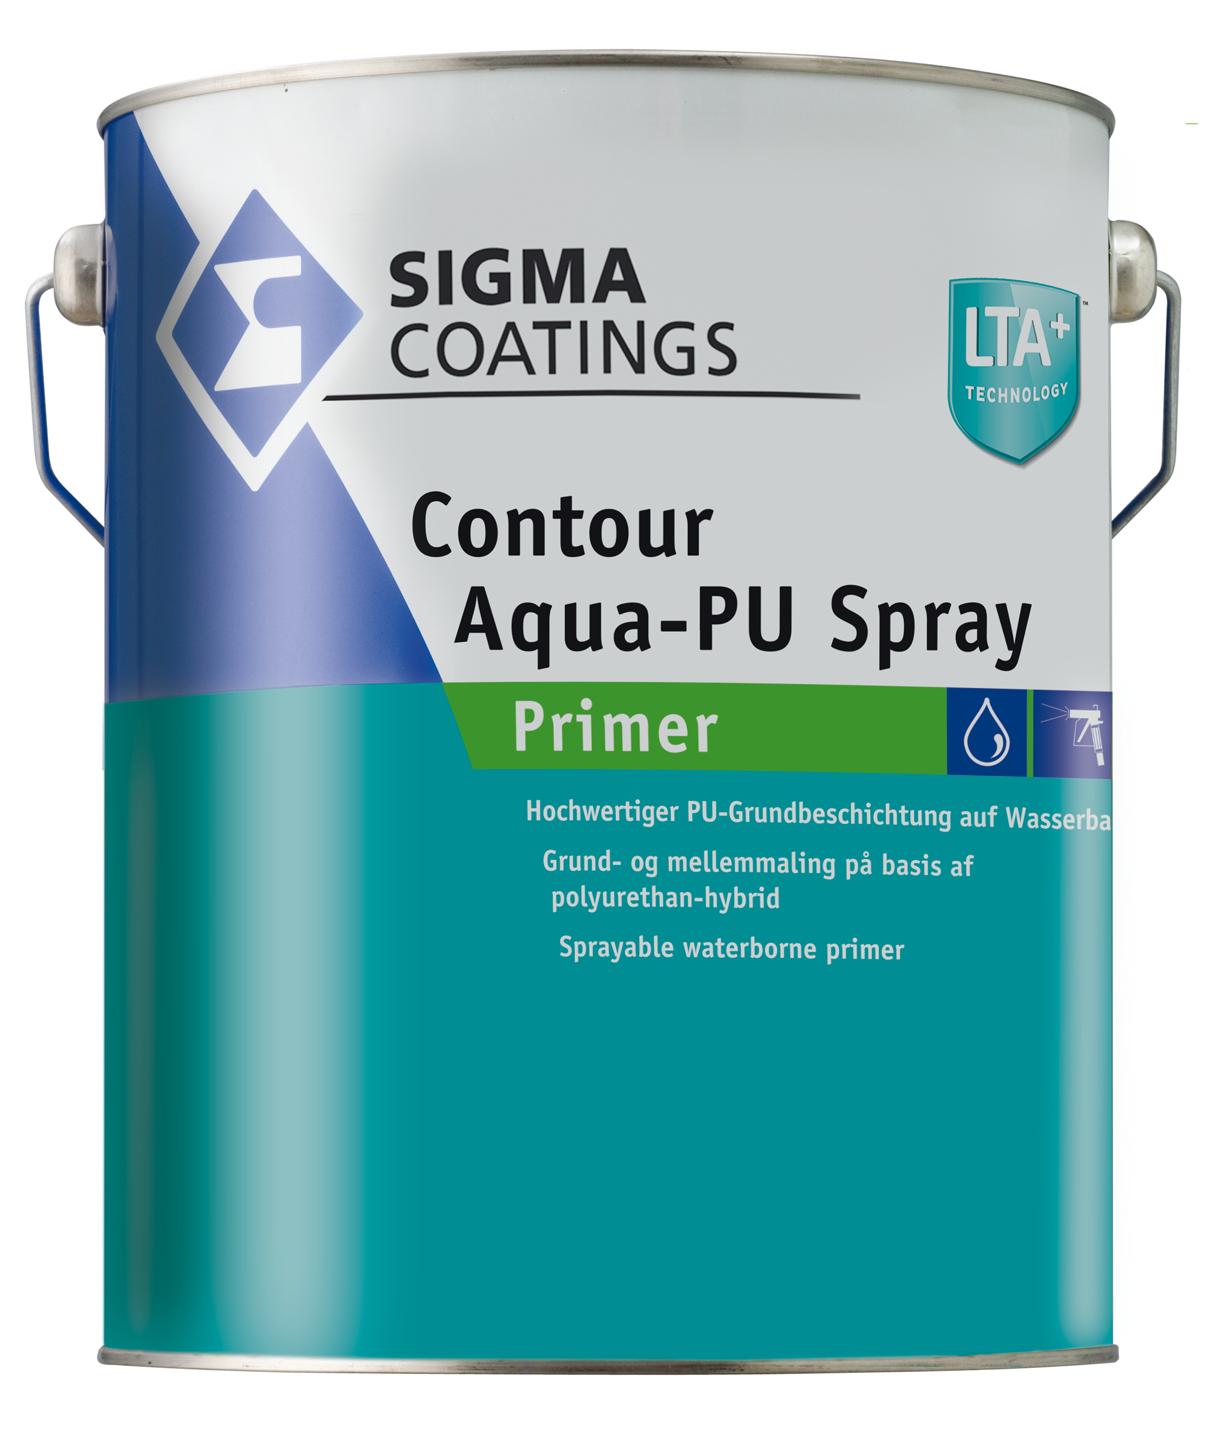 Contour Aqua-PU Spray Primer